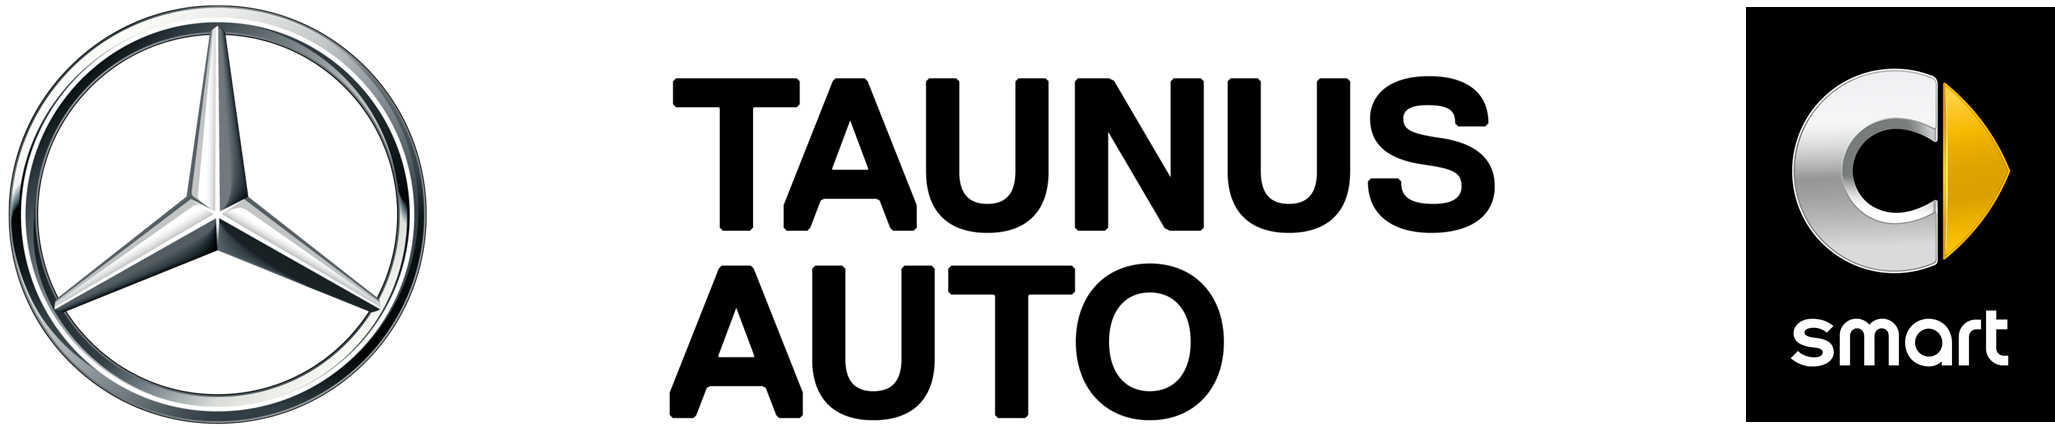 taunus-auto-logo-mb-und-smart